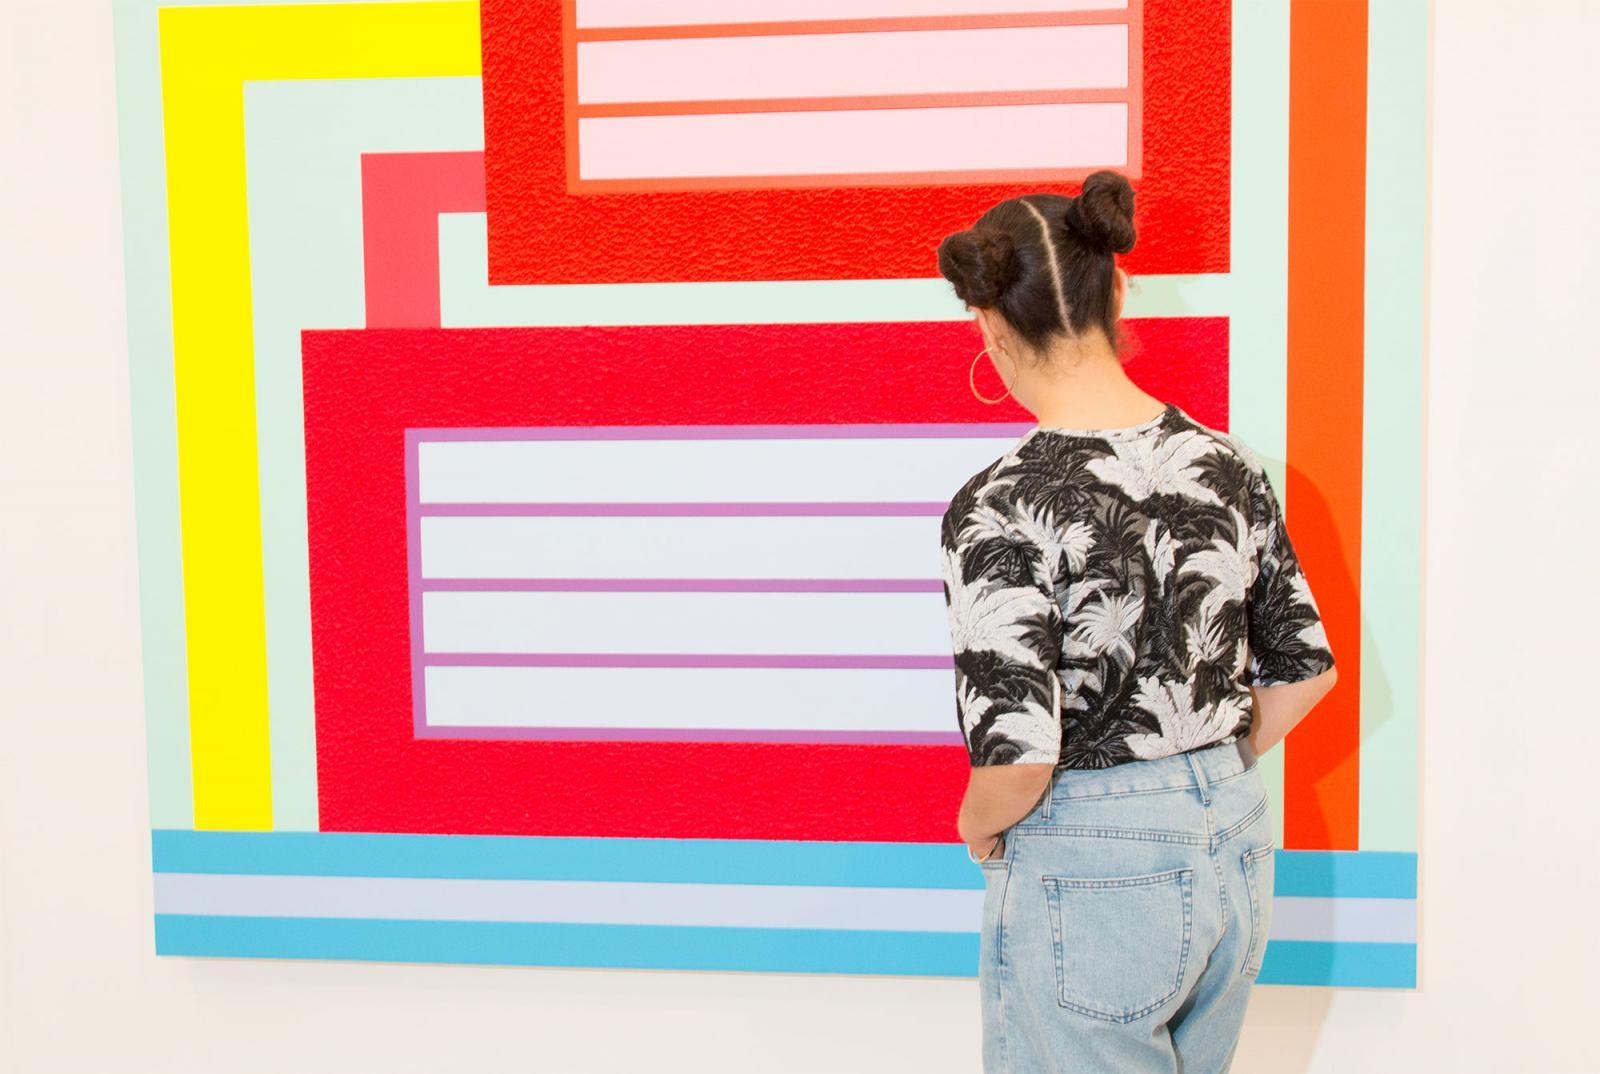 Peter Halley at Stuart Shave /Modern Art